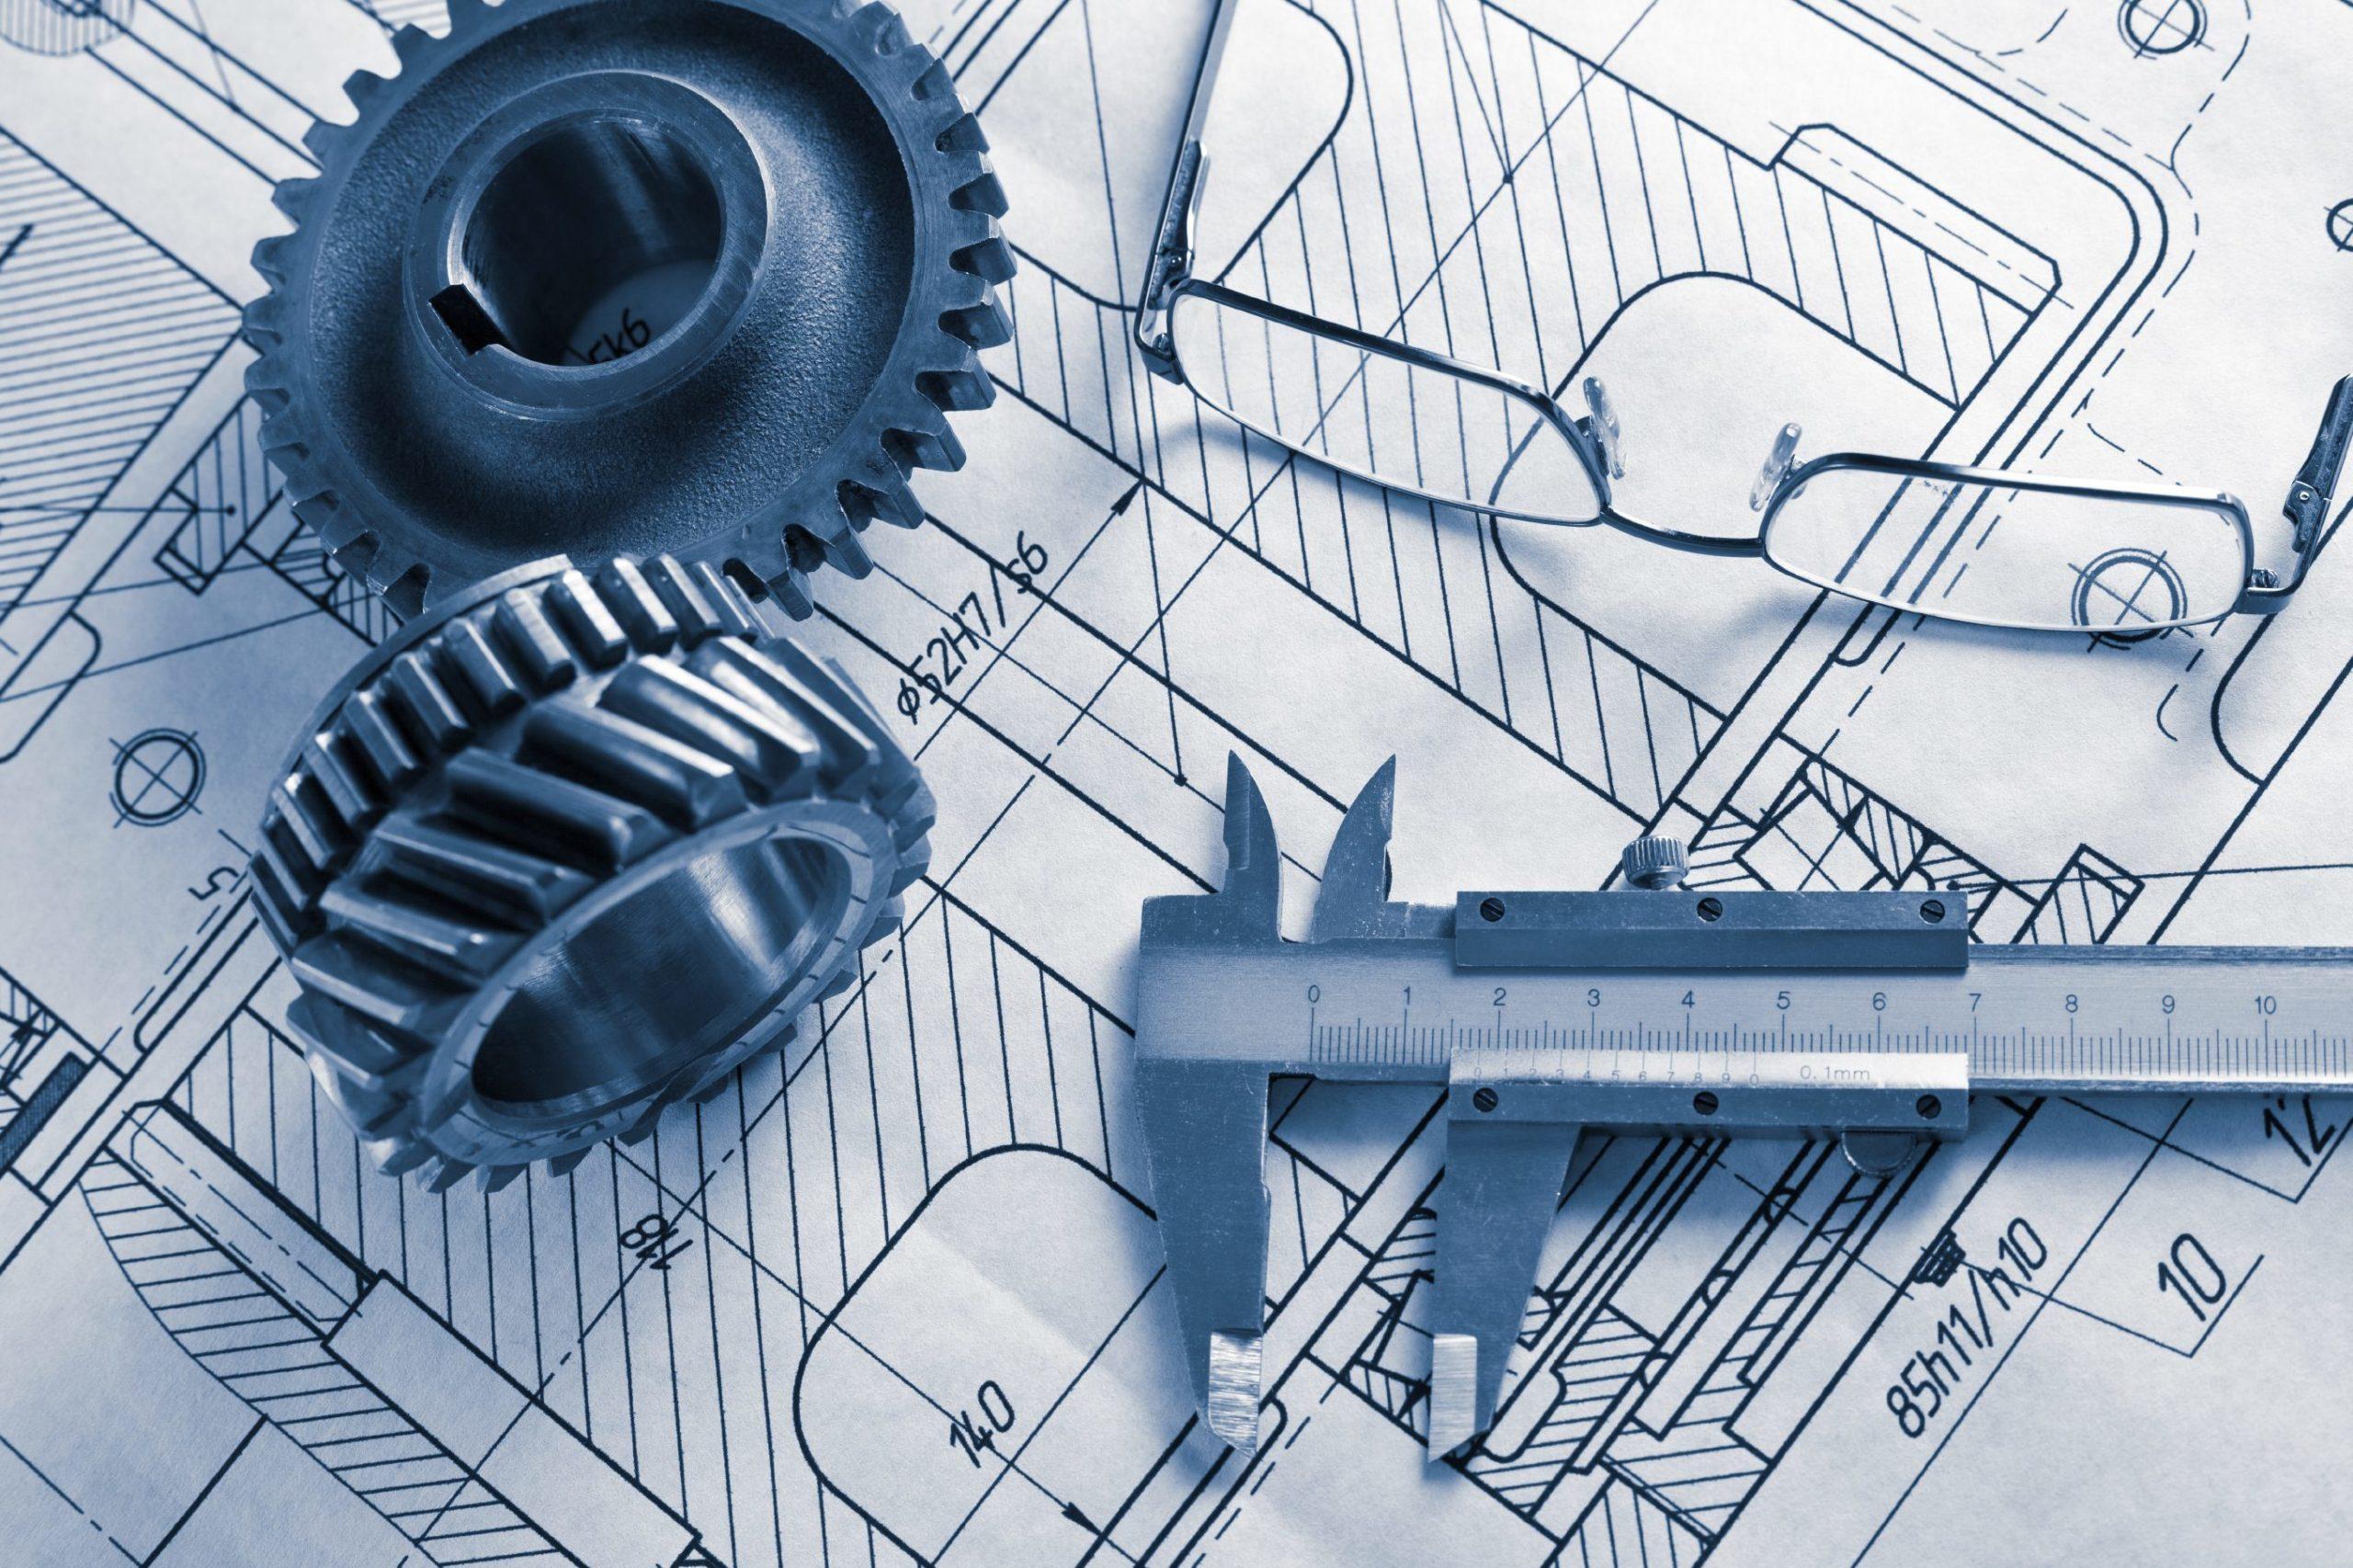 Проектирование и изготовление оборудования в Казани